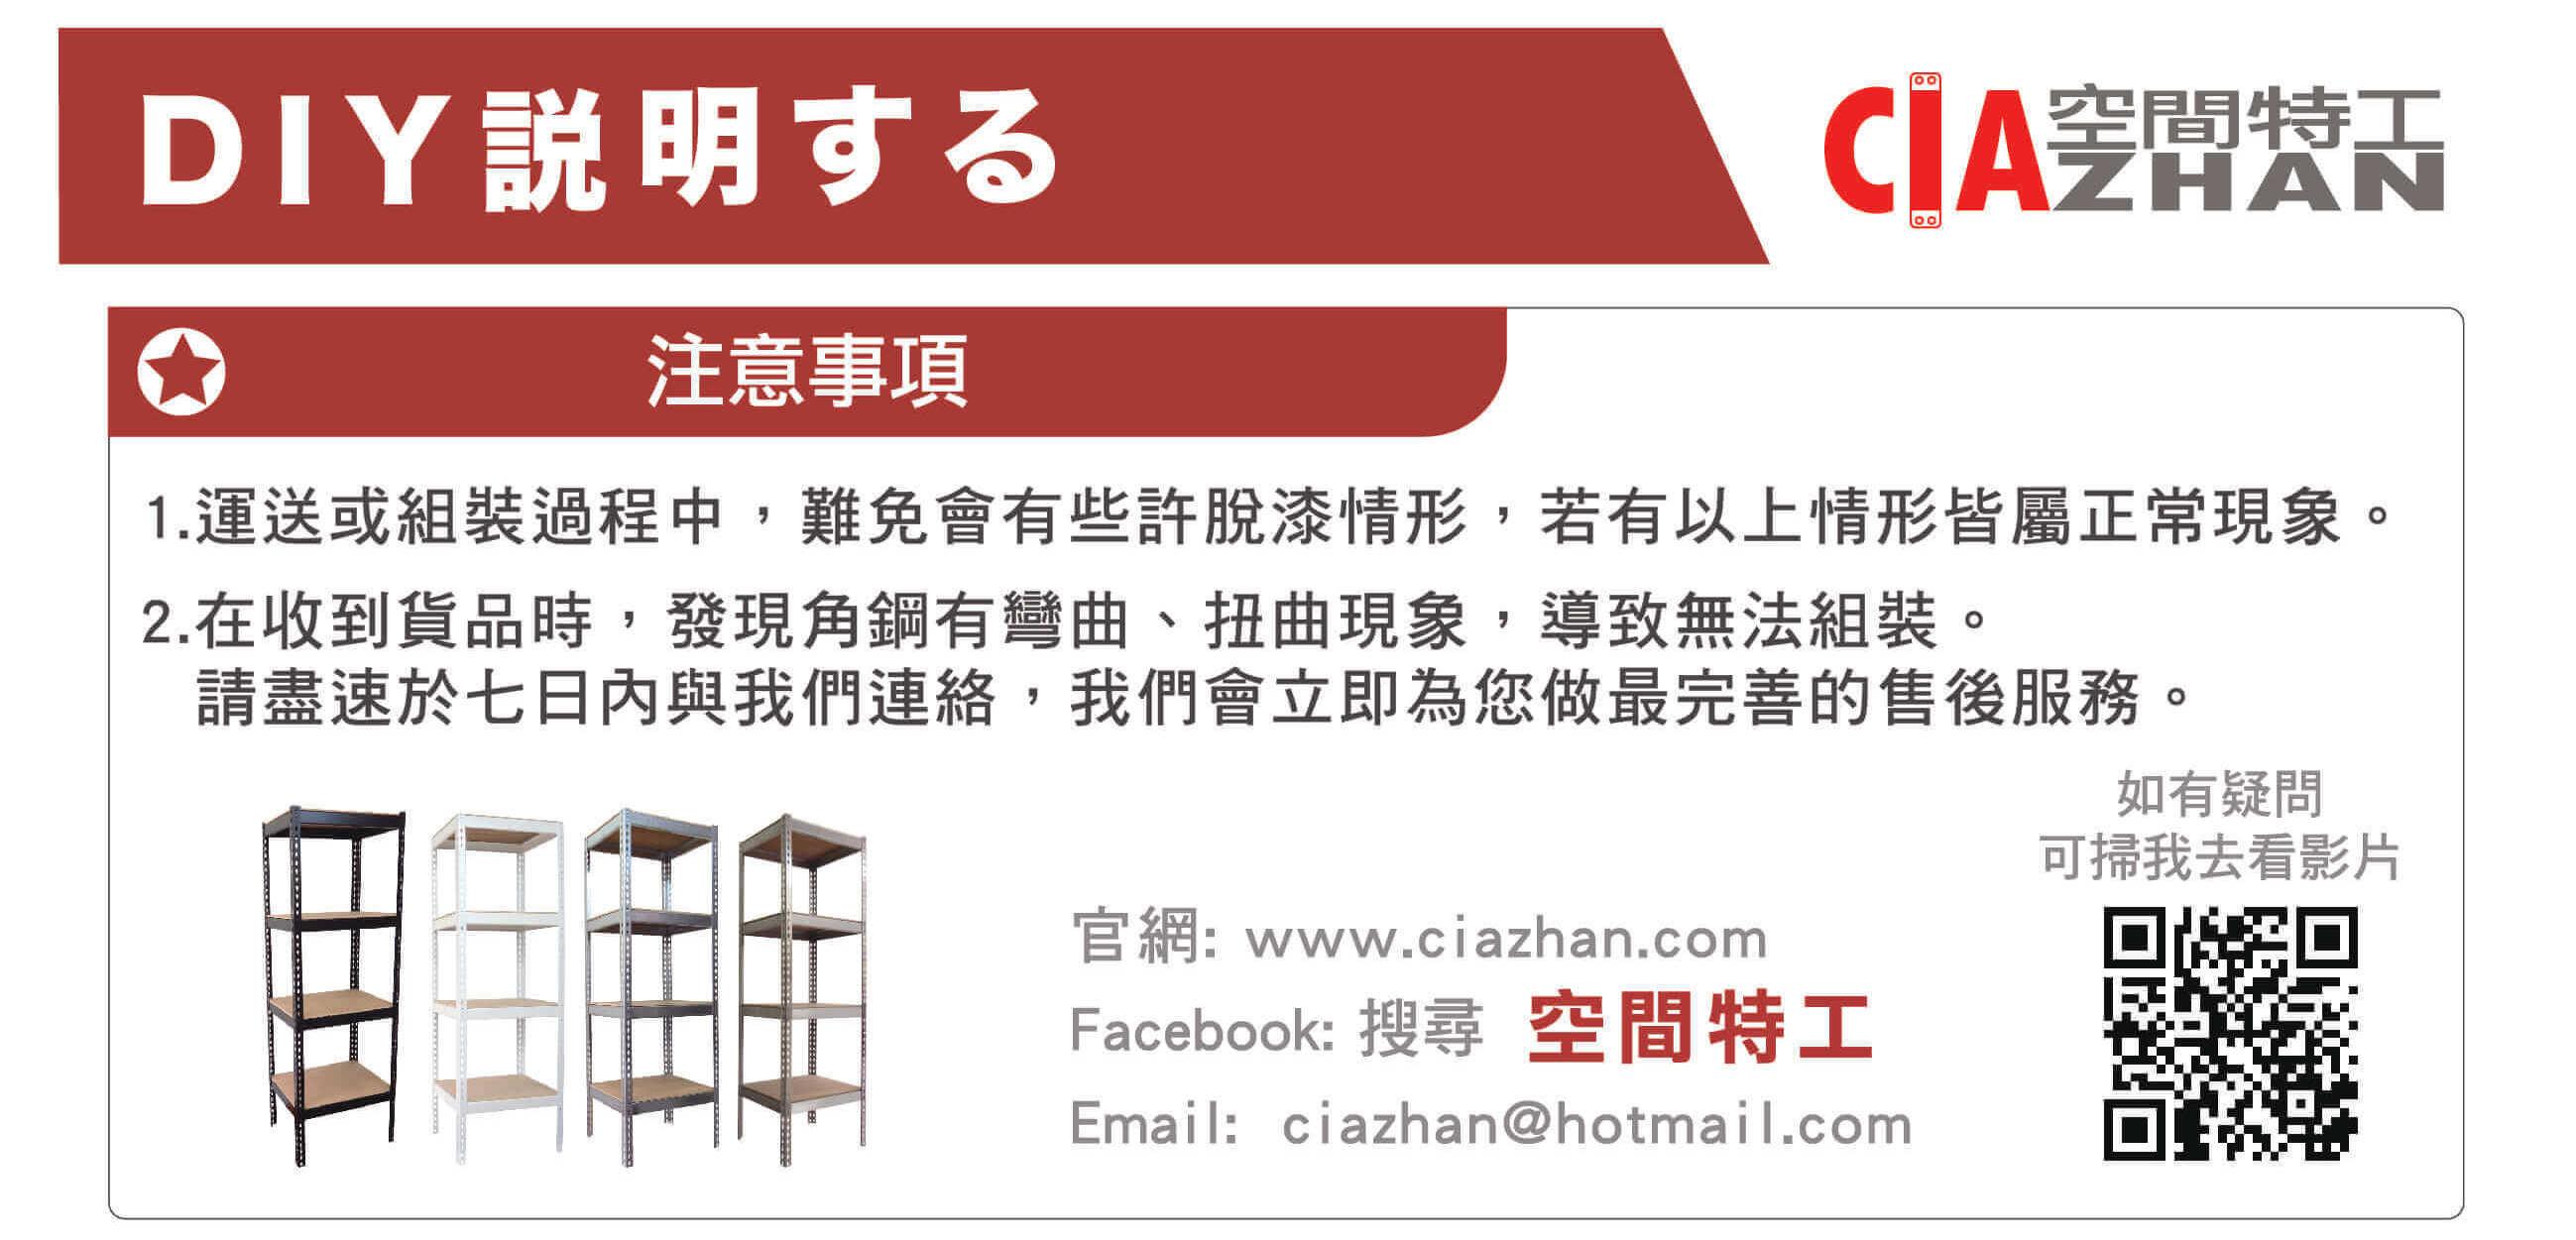 角鋼架DIY注意事項| 售後服務| 角鋼推薦|角鋼台南|角鋼價格|角鋼估價|角鋼規格|角鋼材質|角鋼種類|角鋼架好處|角鋼尺寸|角鋼質量|角鋼組裝|空間特工Ciazhan-免螺絲角鋼家具/收納規劃